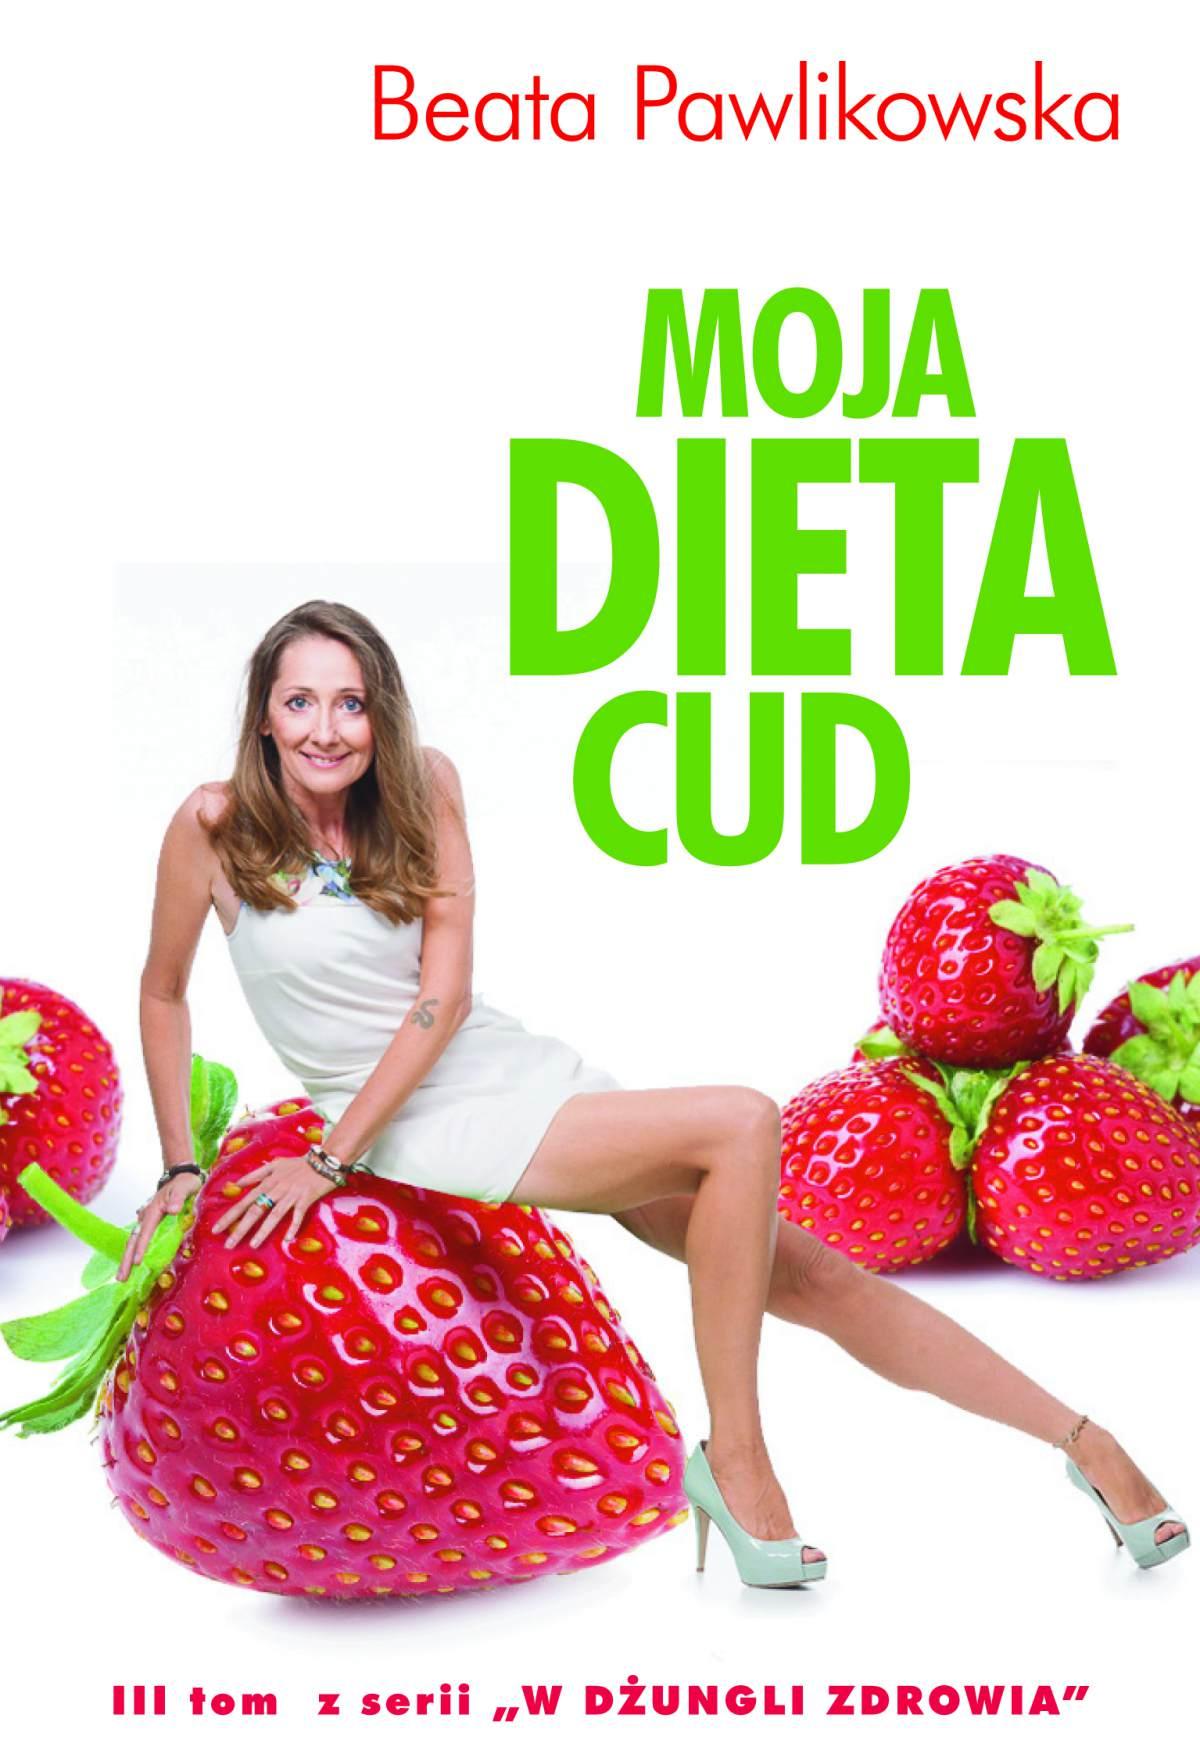 Moja dieta cud - Ebook (Książka na Kindle) do pobrania w formacie MOBI